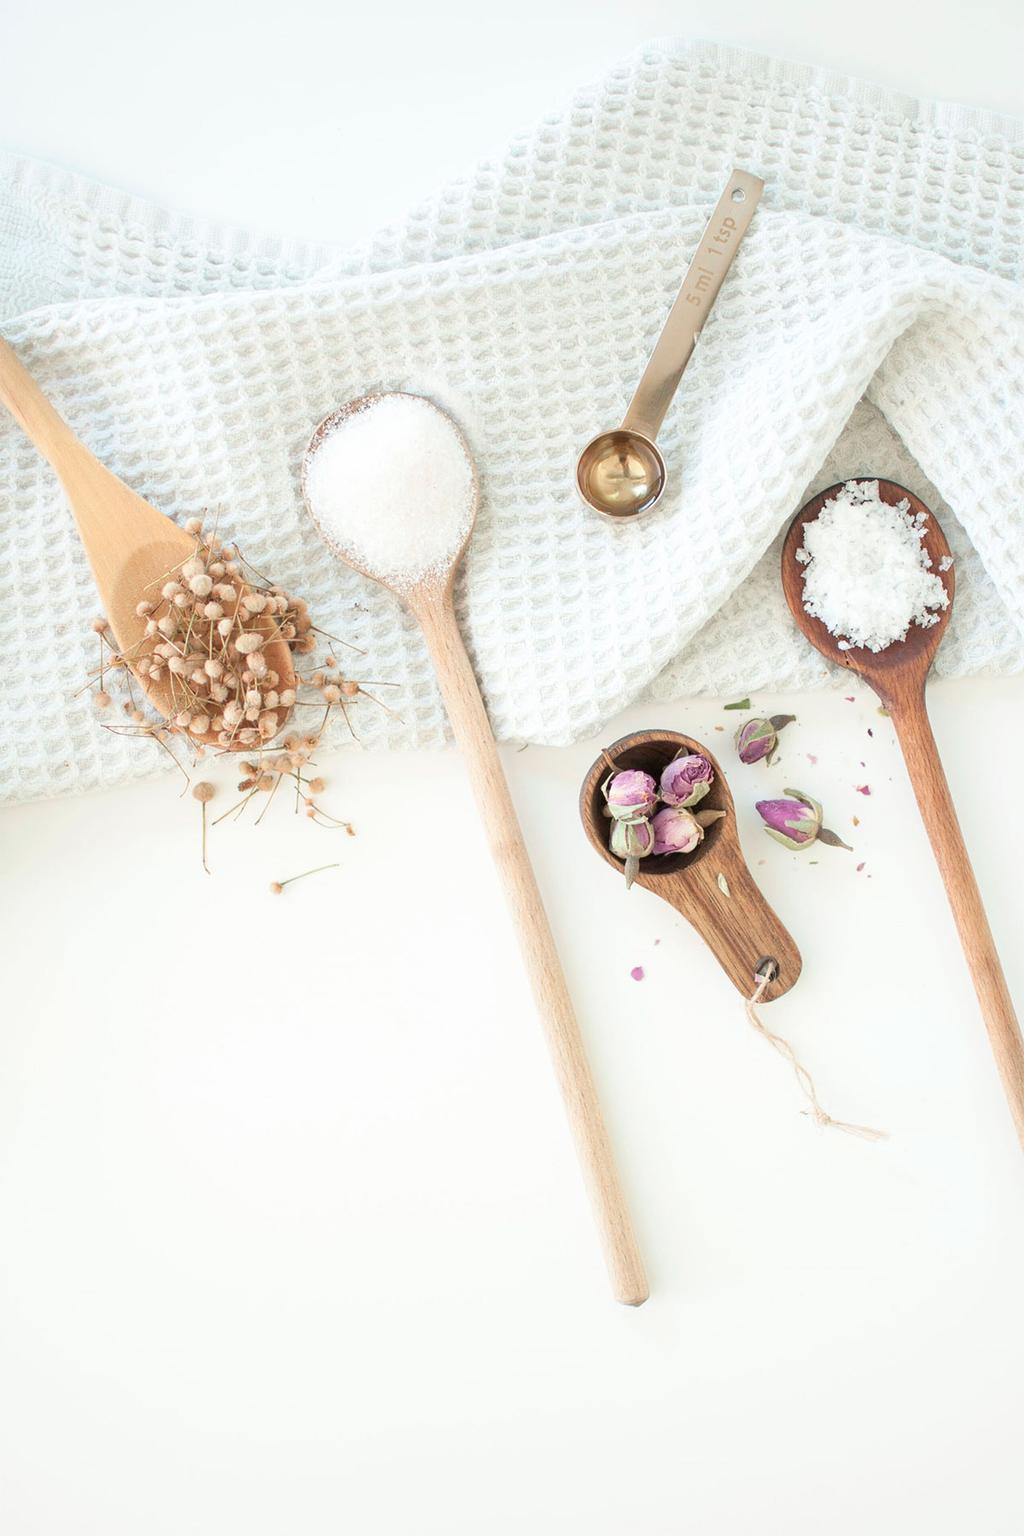 Homemade Beauty by Zolea